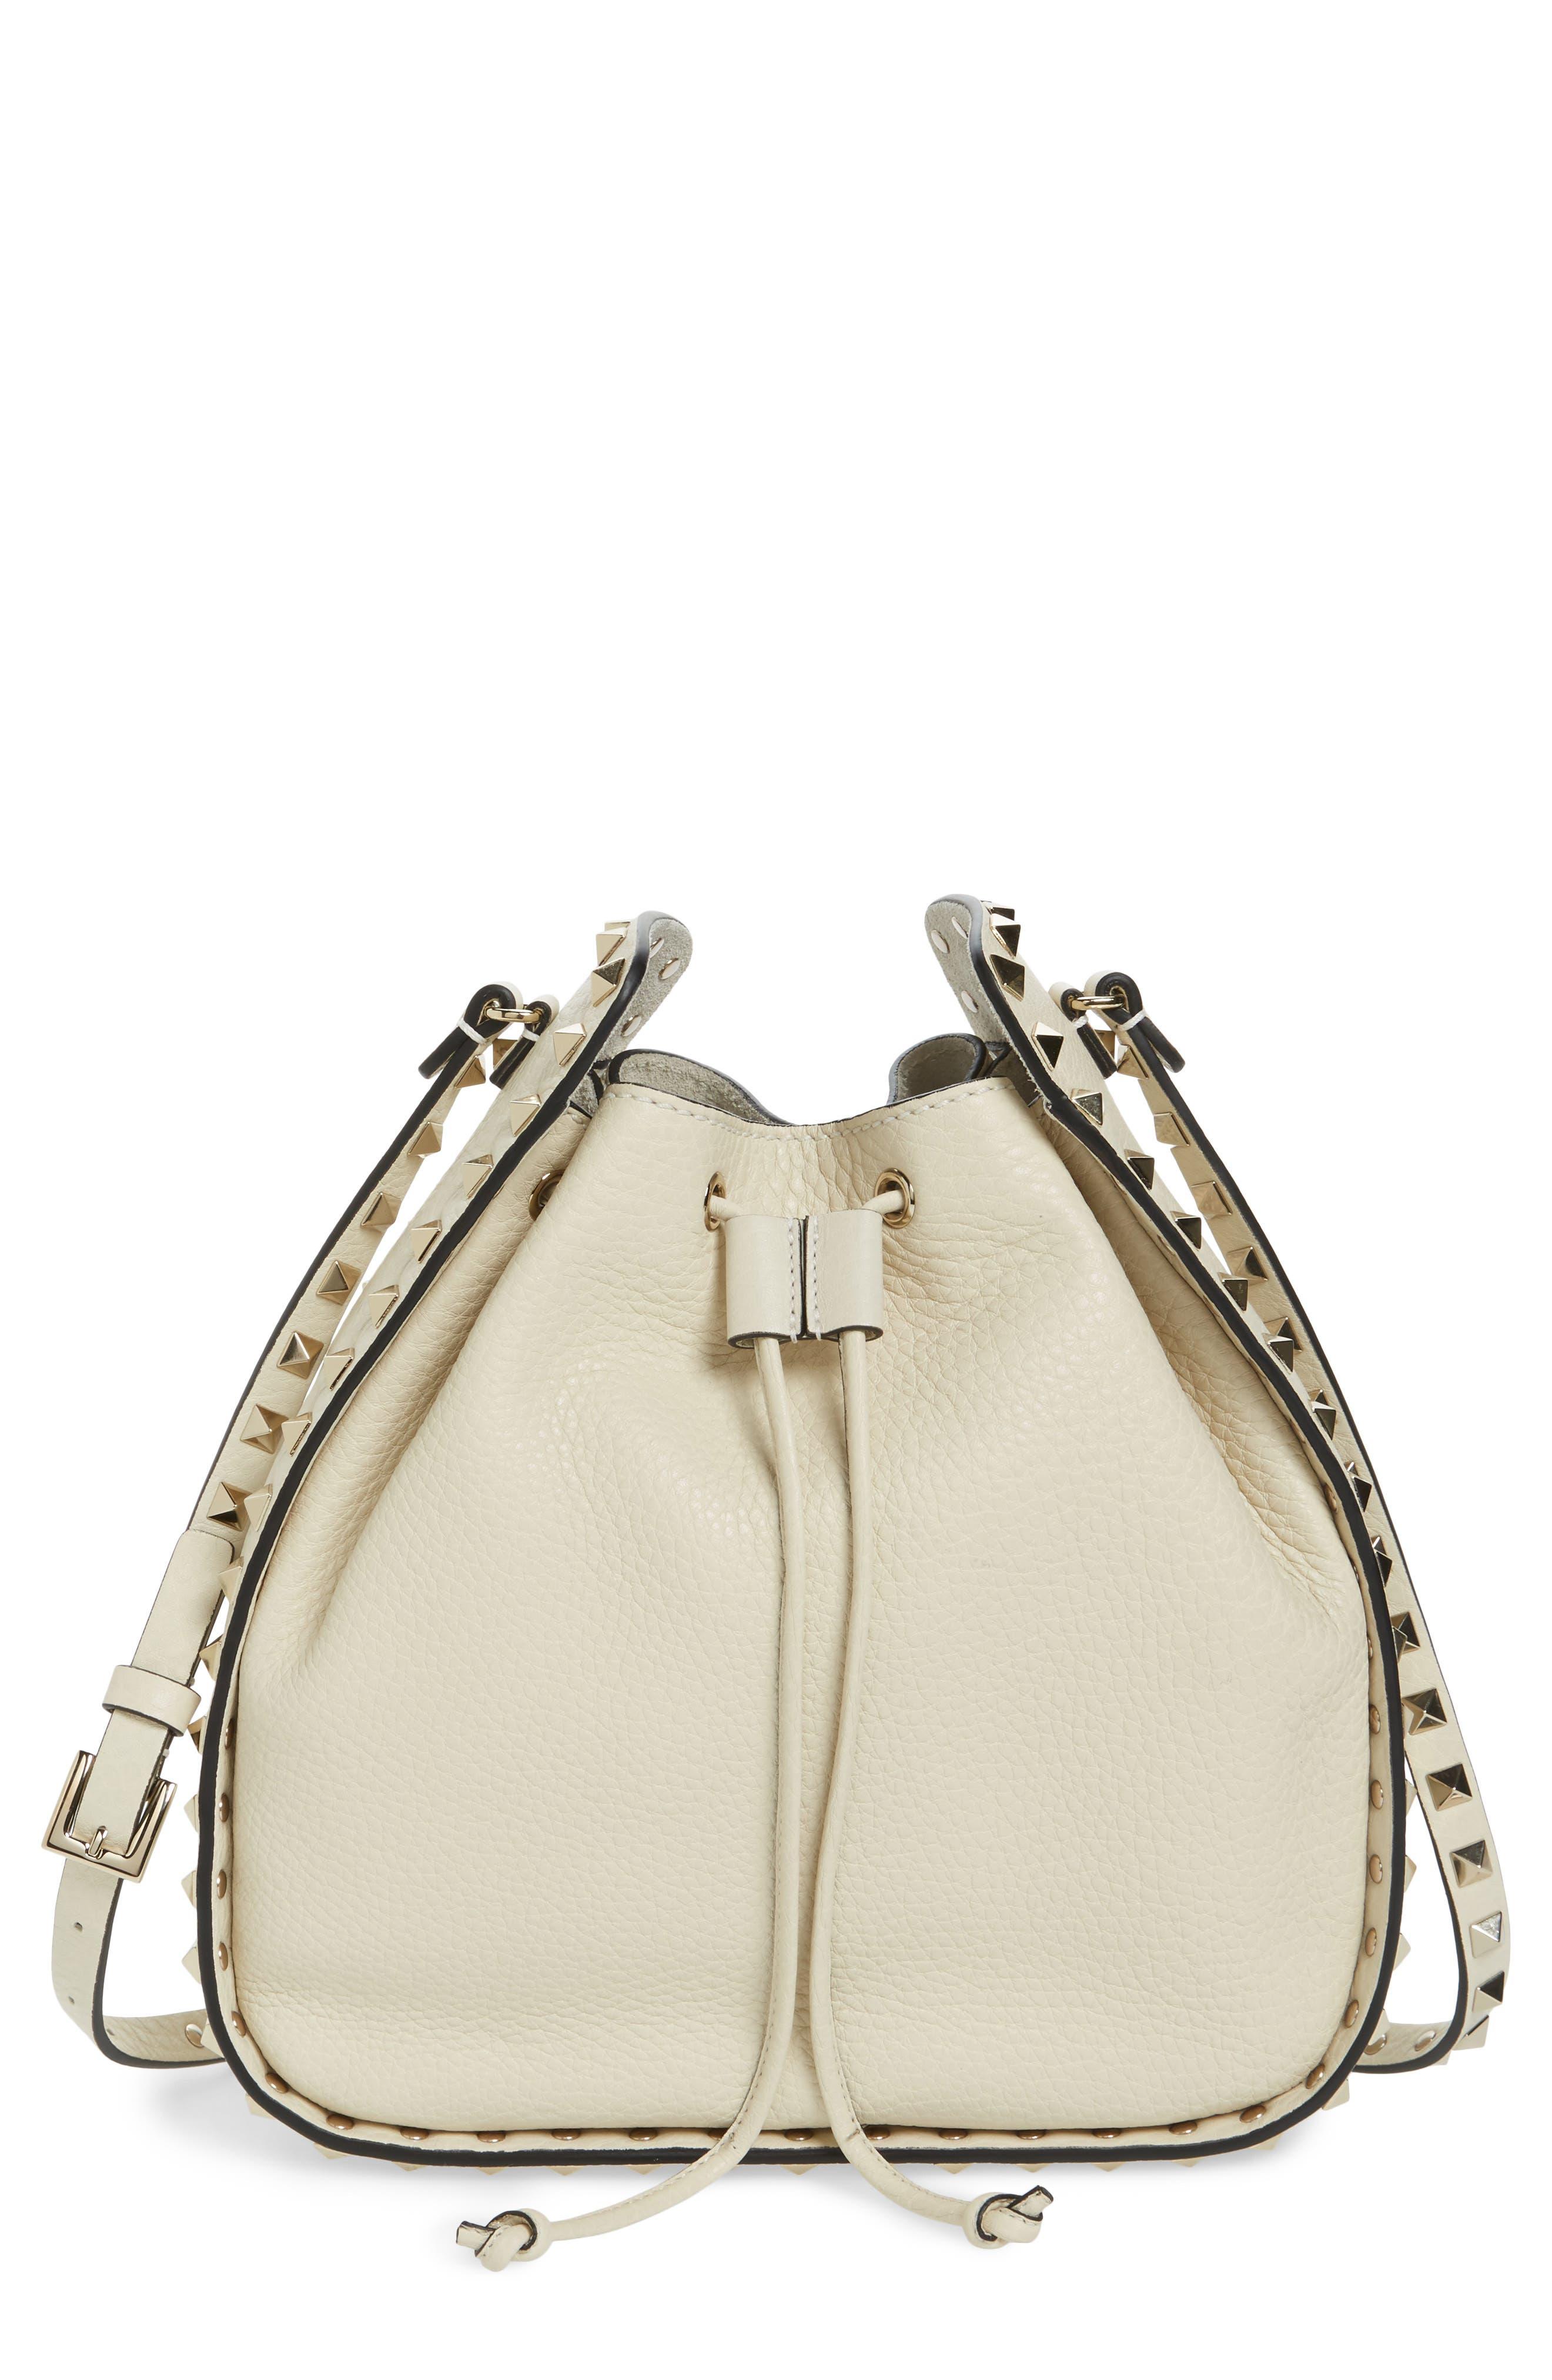 Alternate Image 1 Selected - VALENTINO GARAVANI Large Rockstud Leather Bucket Bag